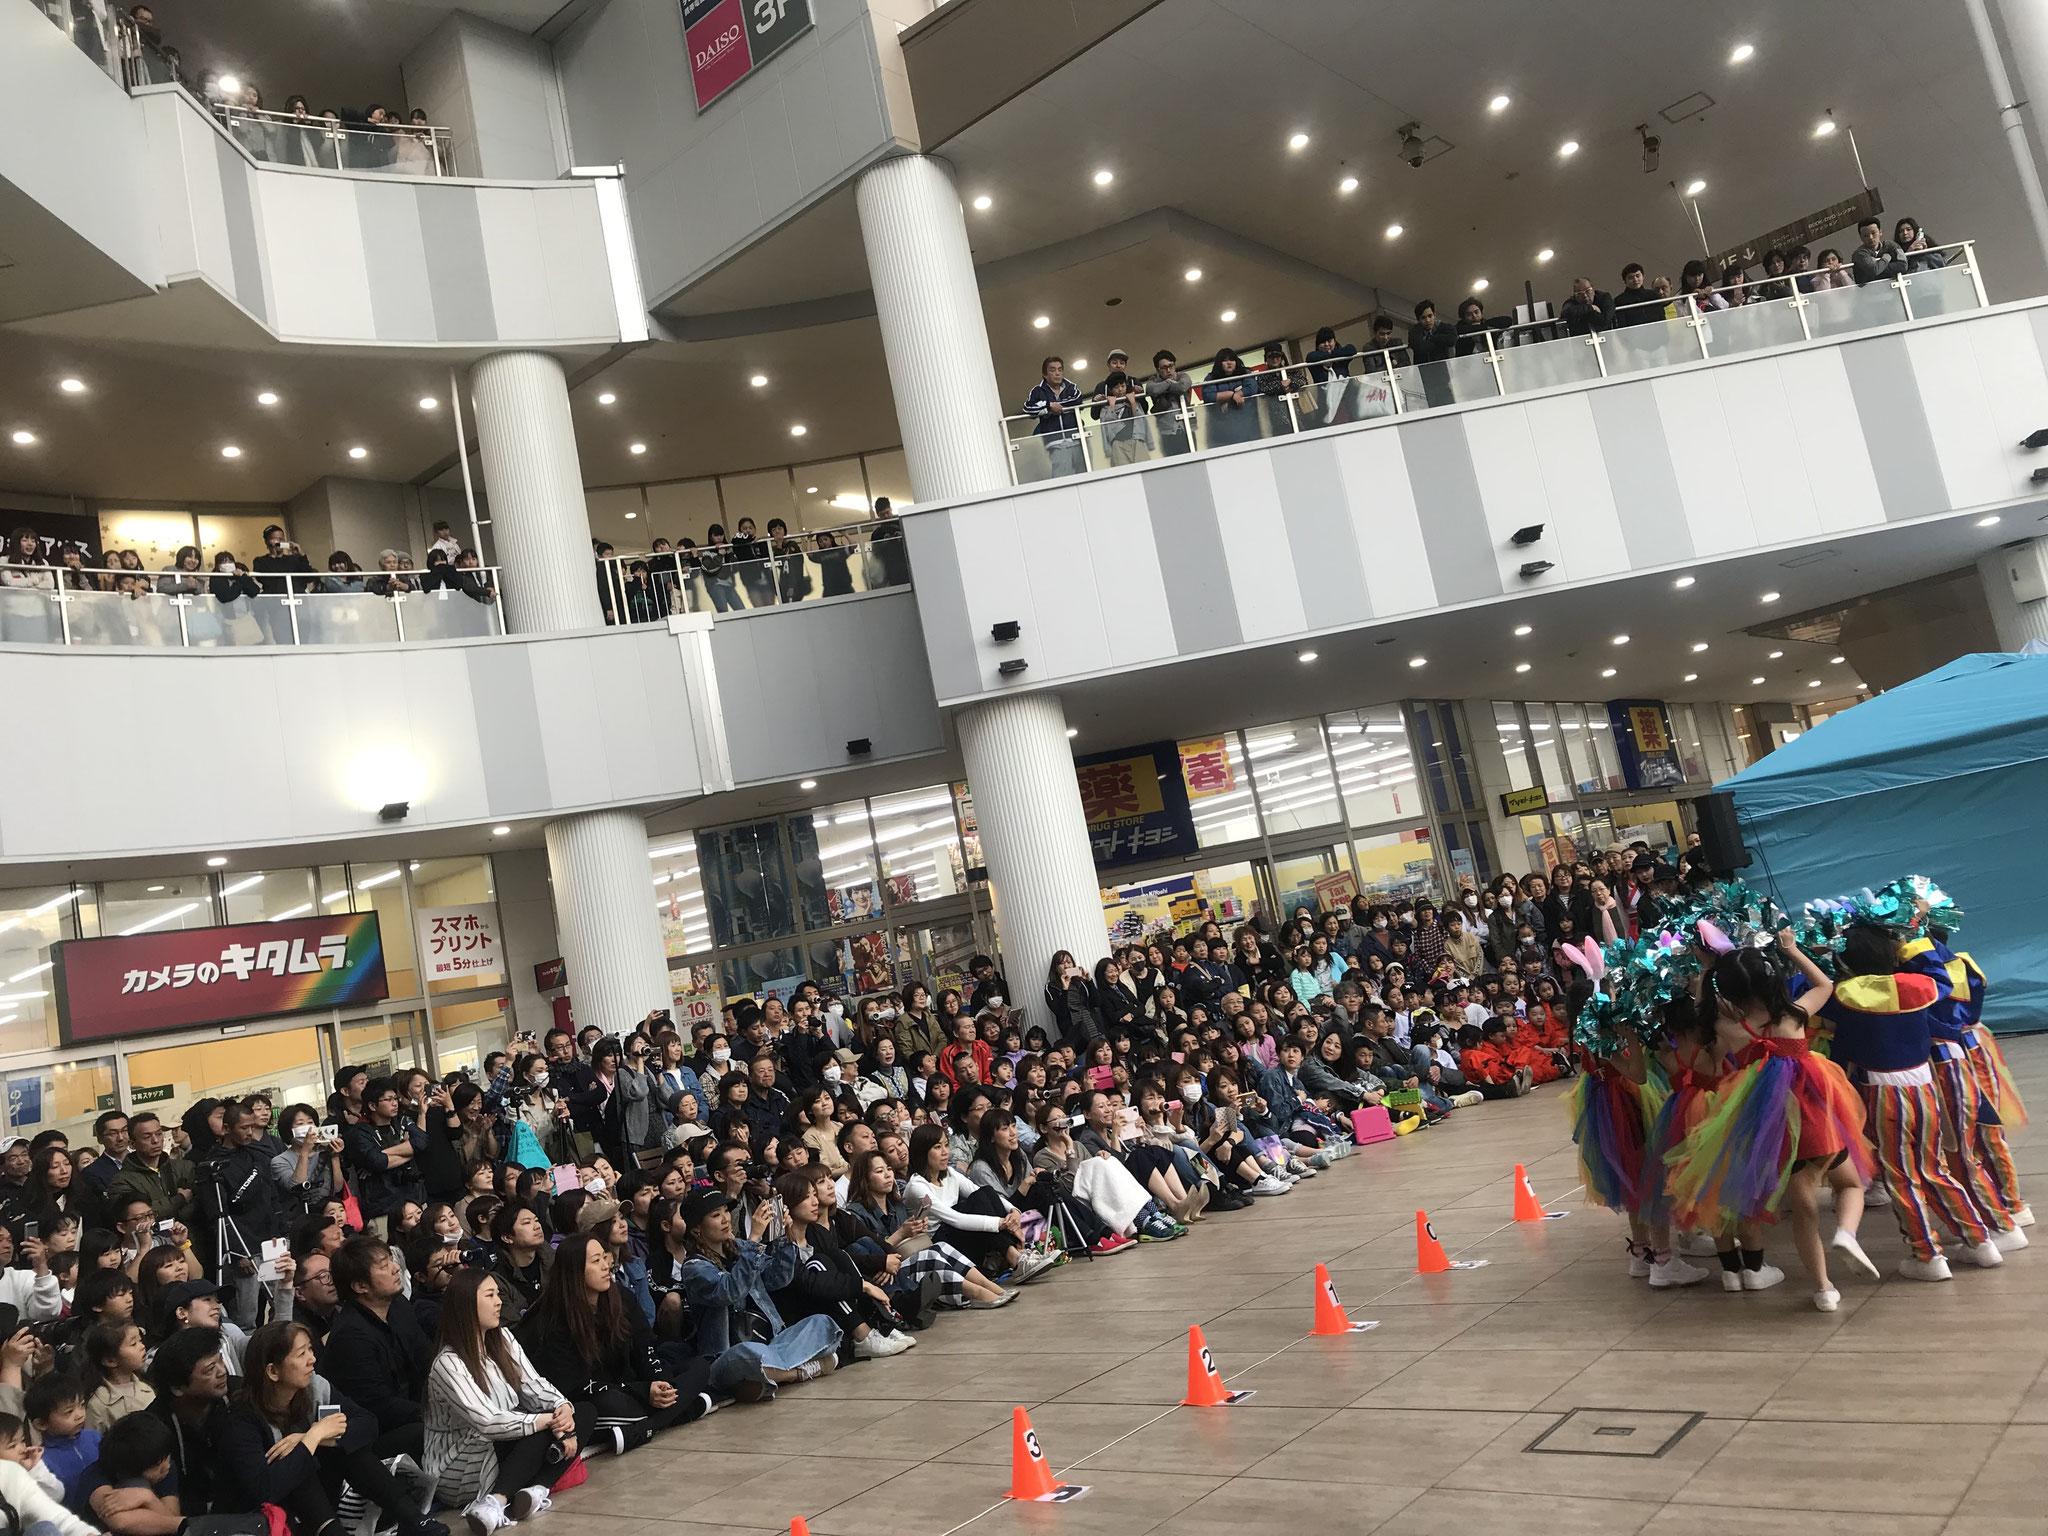 2018.4.29 BONNY BiVi  無料観覧イベント Vol.2